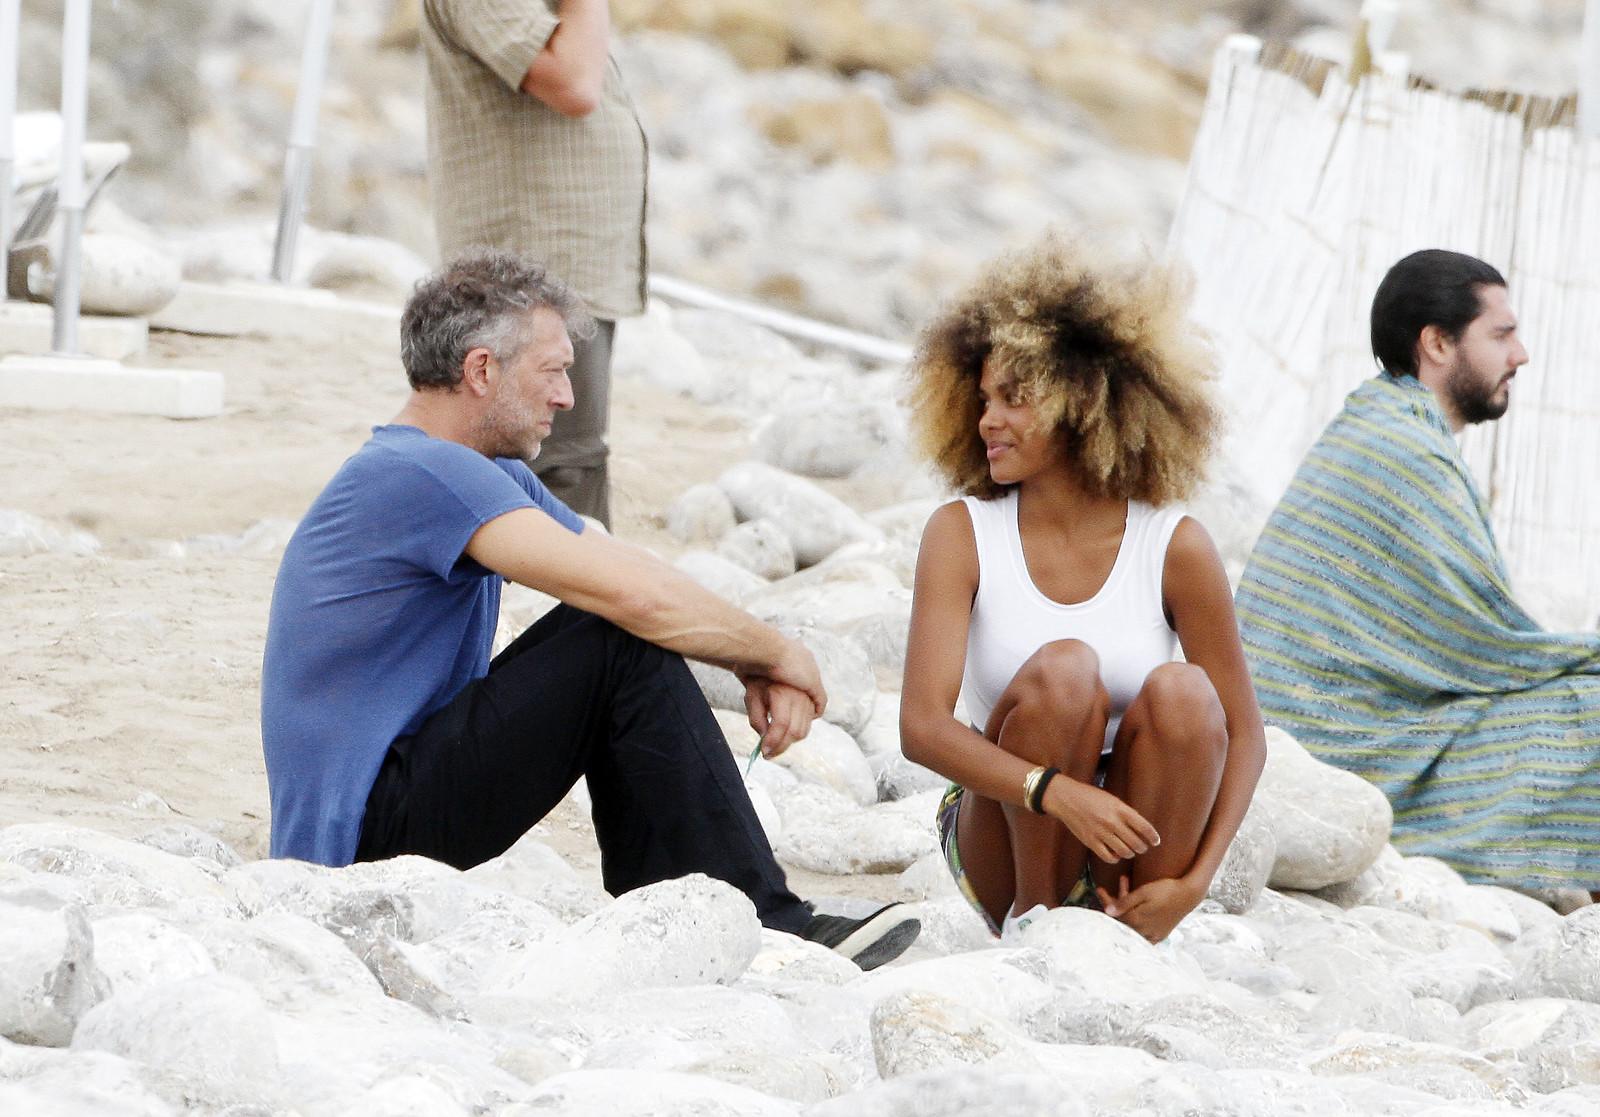 Vincent Cassel beccato a Ibiza in compagnia di una bellissima ...